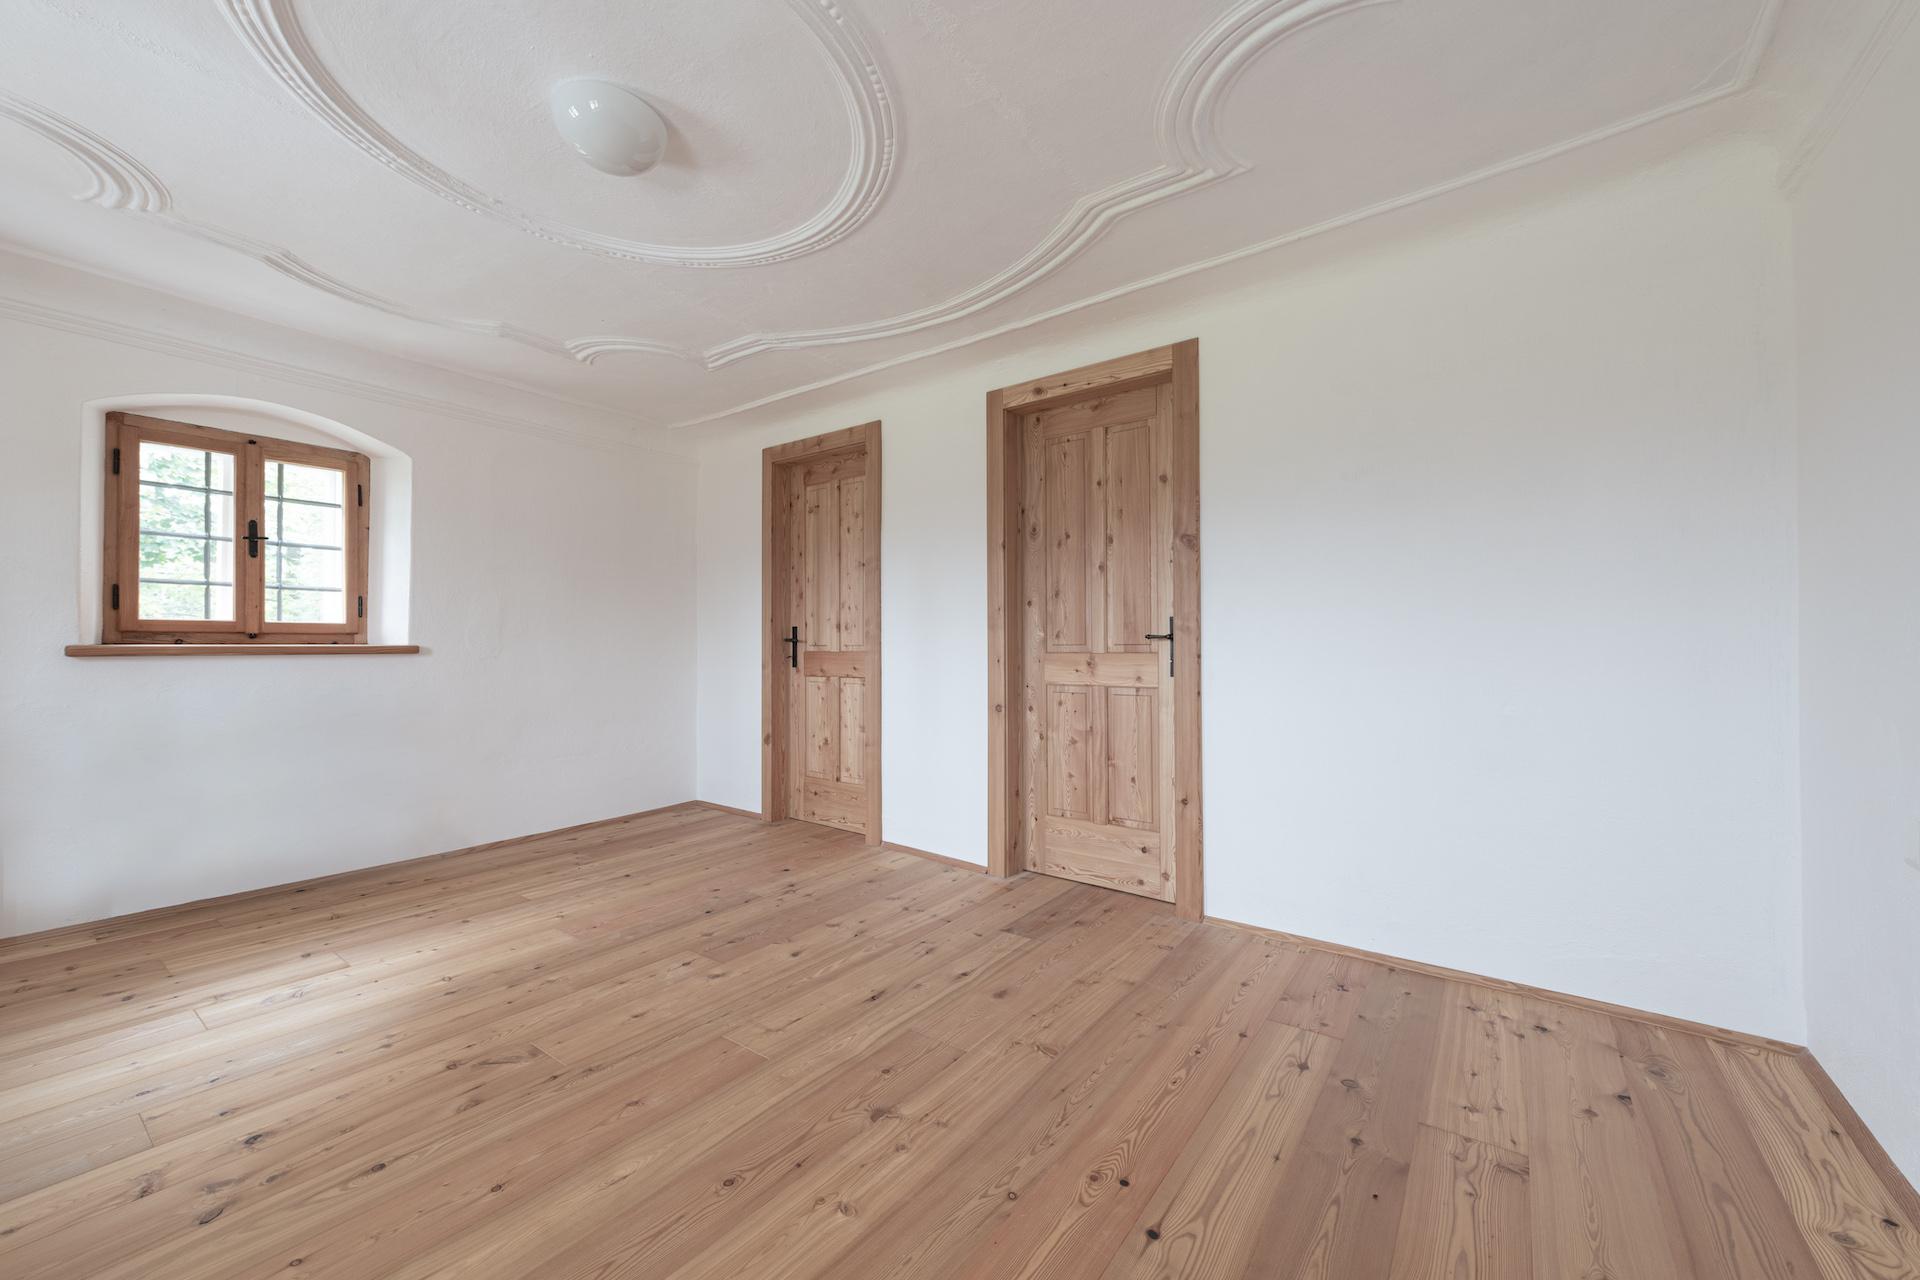 Ein Haus mit astigen Lärchentüren